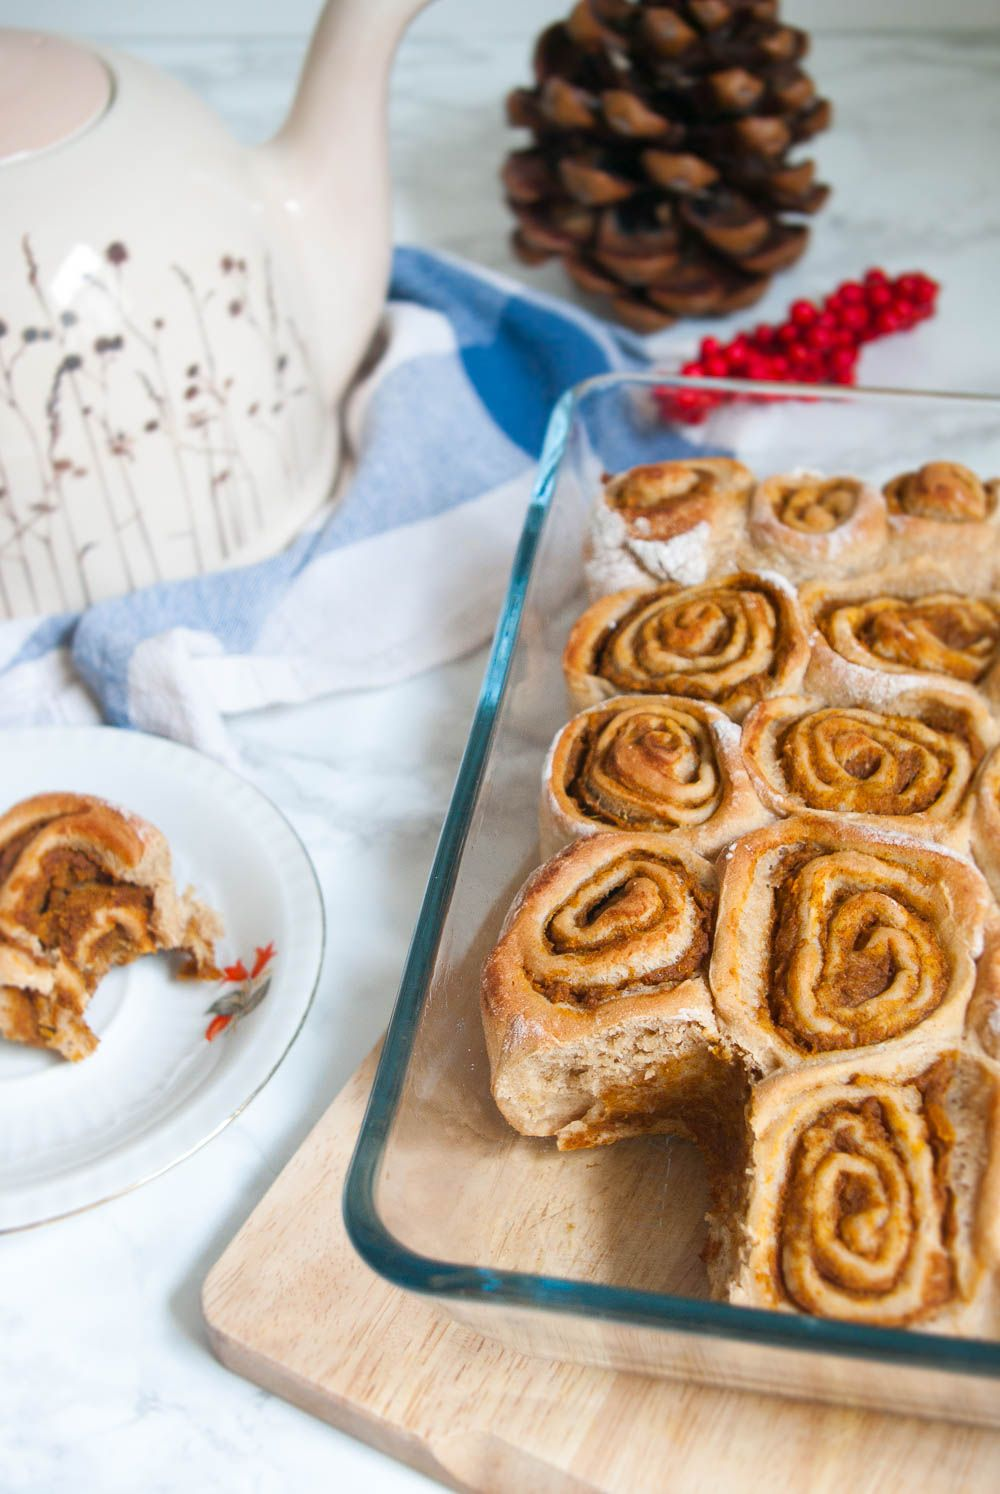 Diese leckeren und gesunden Zimtschnecken mit Kürbisfüllung passen perfekt in den Herbst und sind schnell und einfach gemacht!